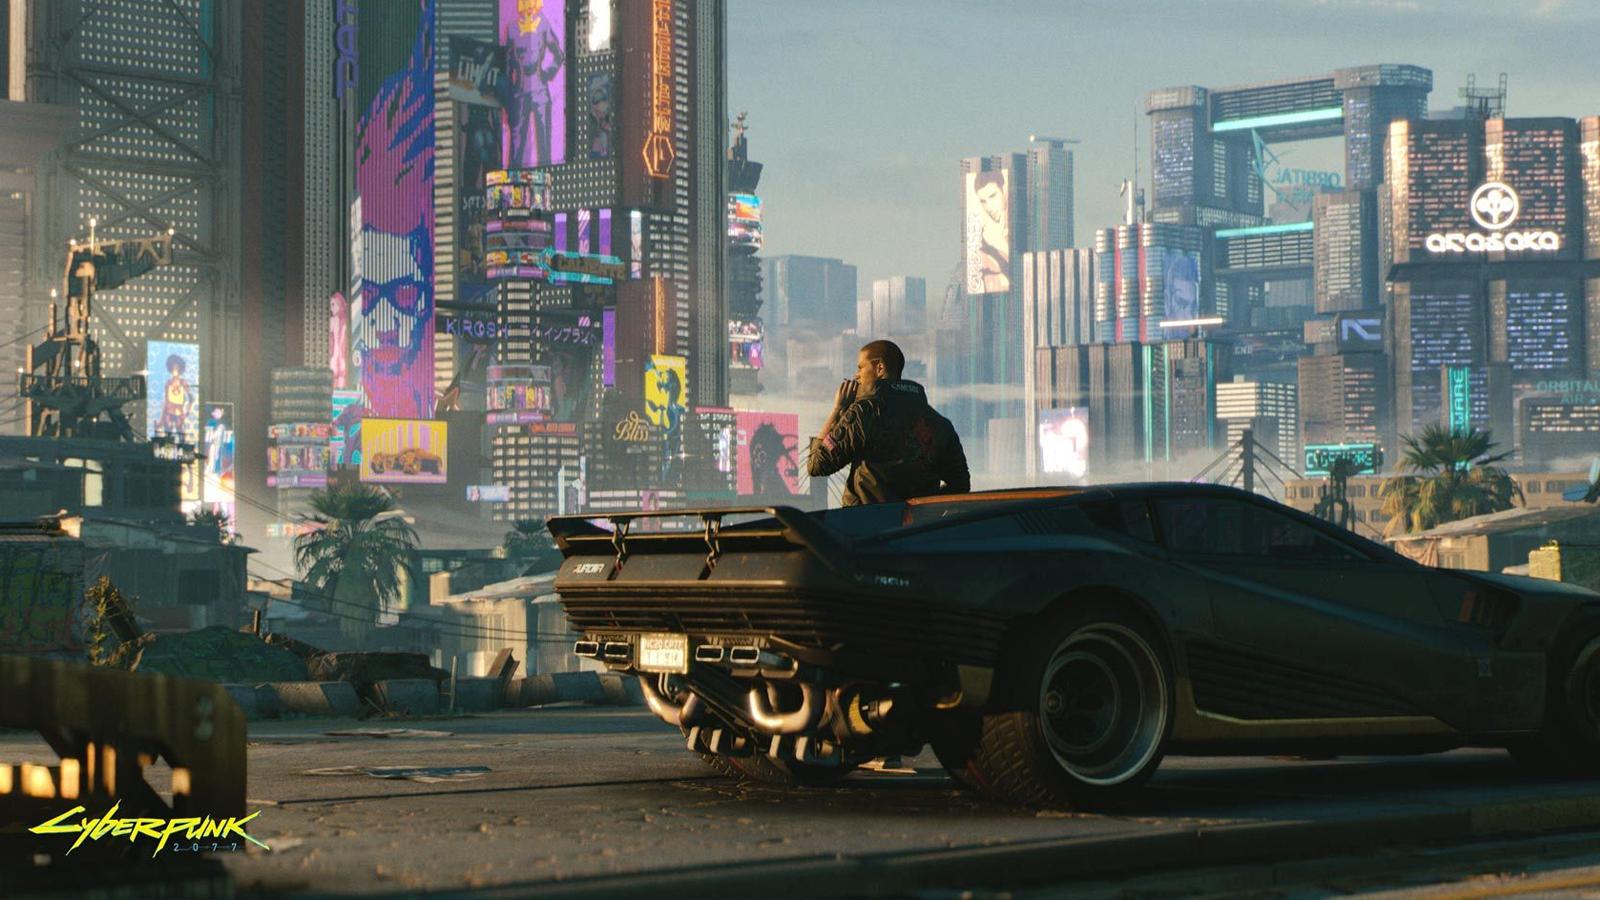 Cyberpunk 2077 coche en ciudad